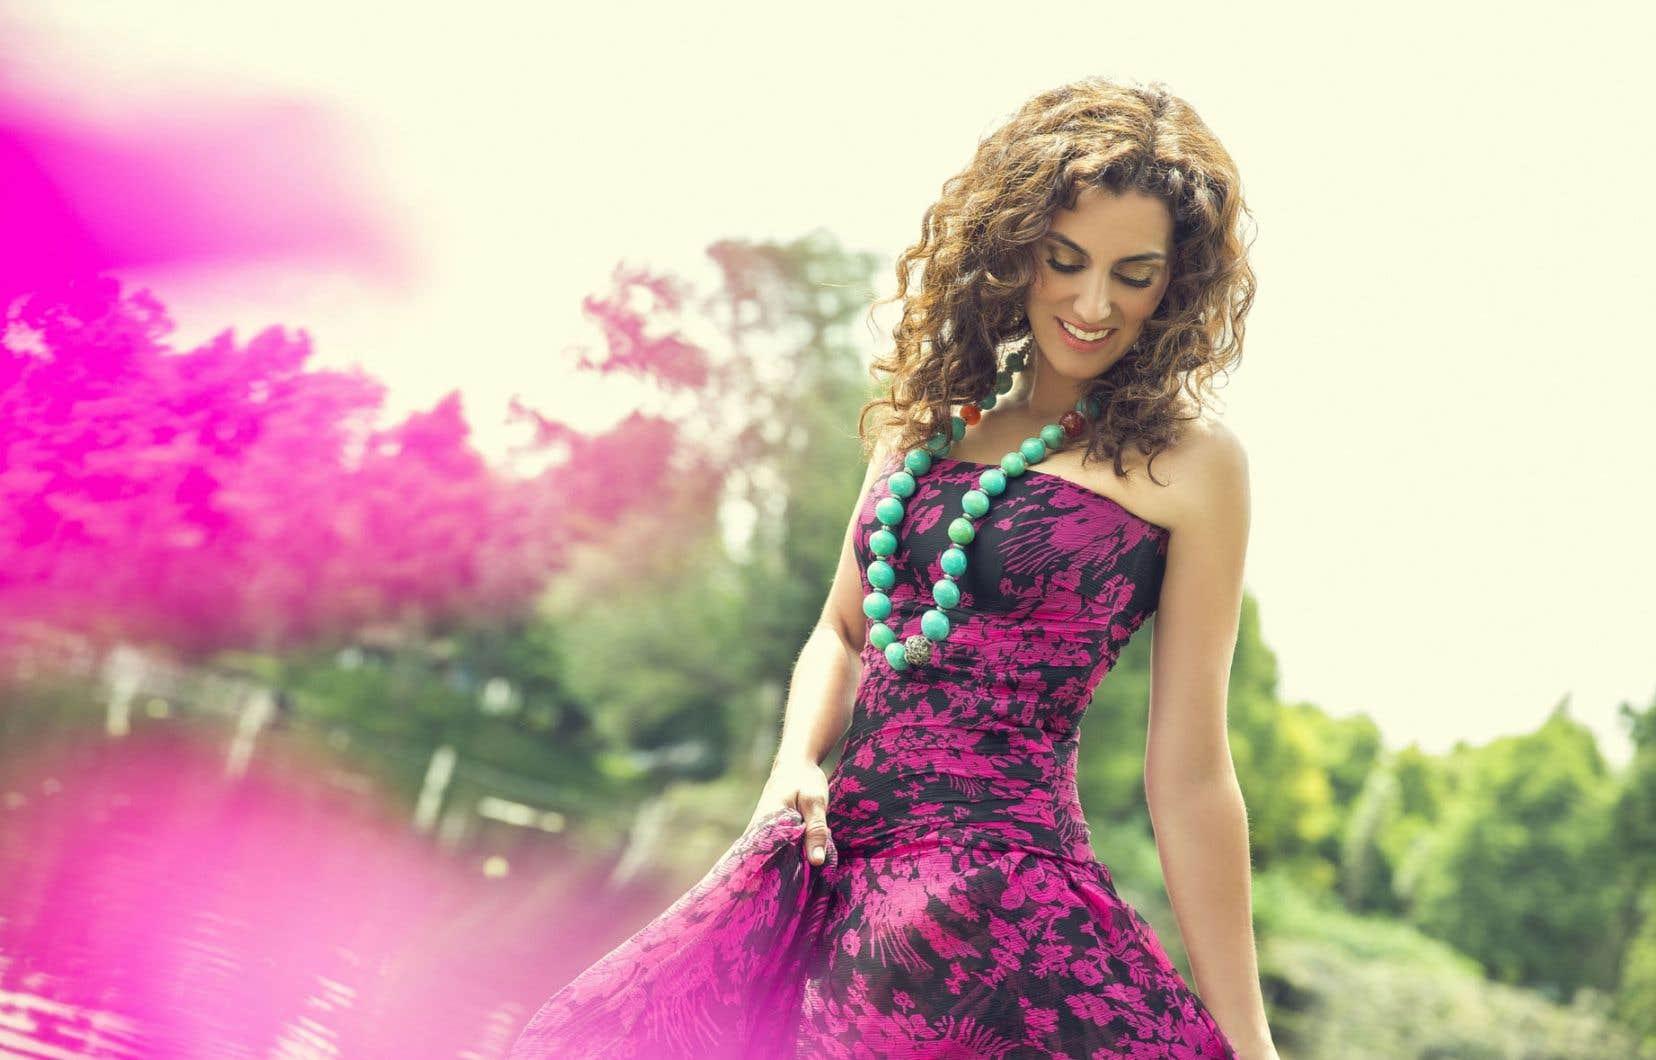 Amanda Martinez chante intimement, sensuellement, et peut parfois devenir plus éthérée. De père mexicain et de mère sud-africaine, elle a tout intégré de son enfance.